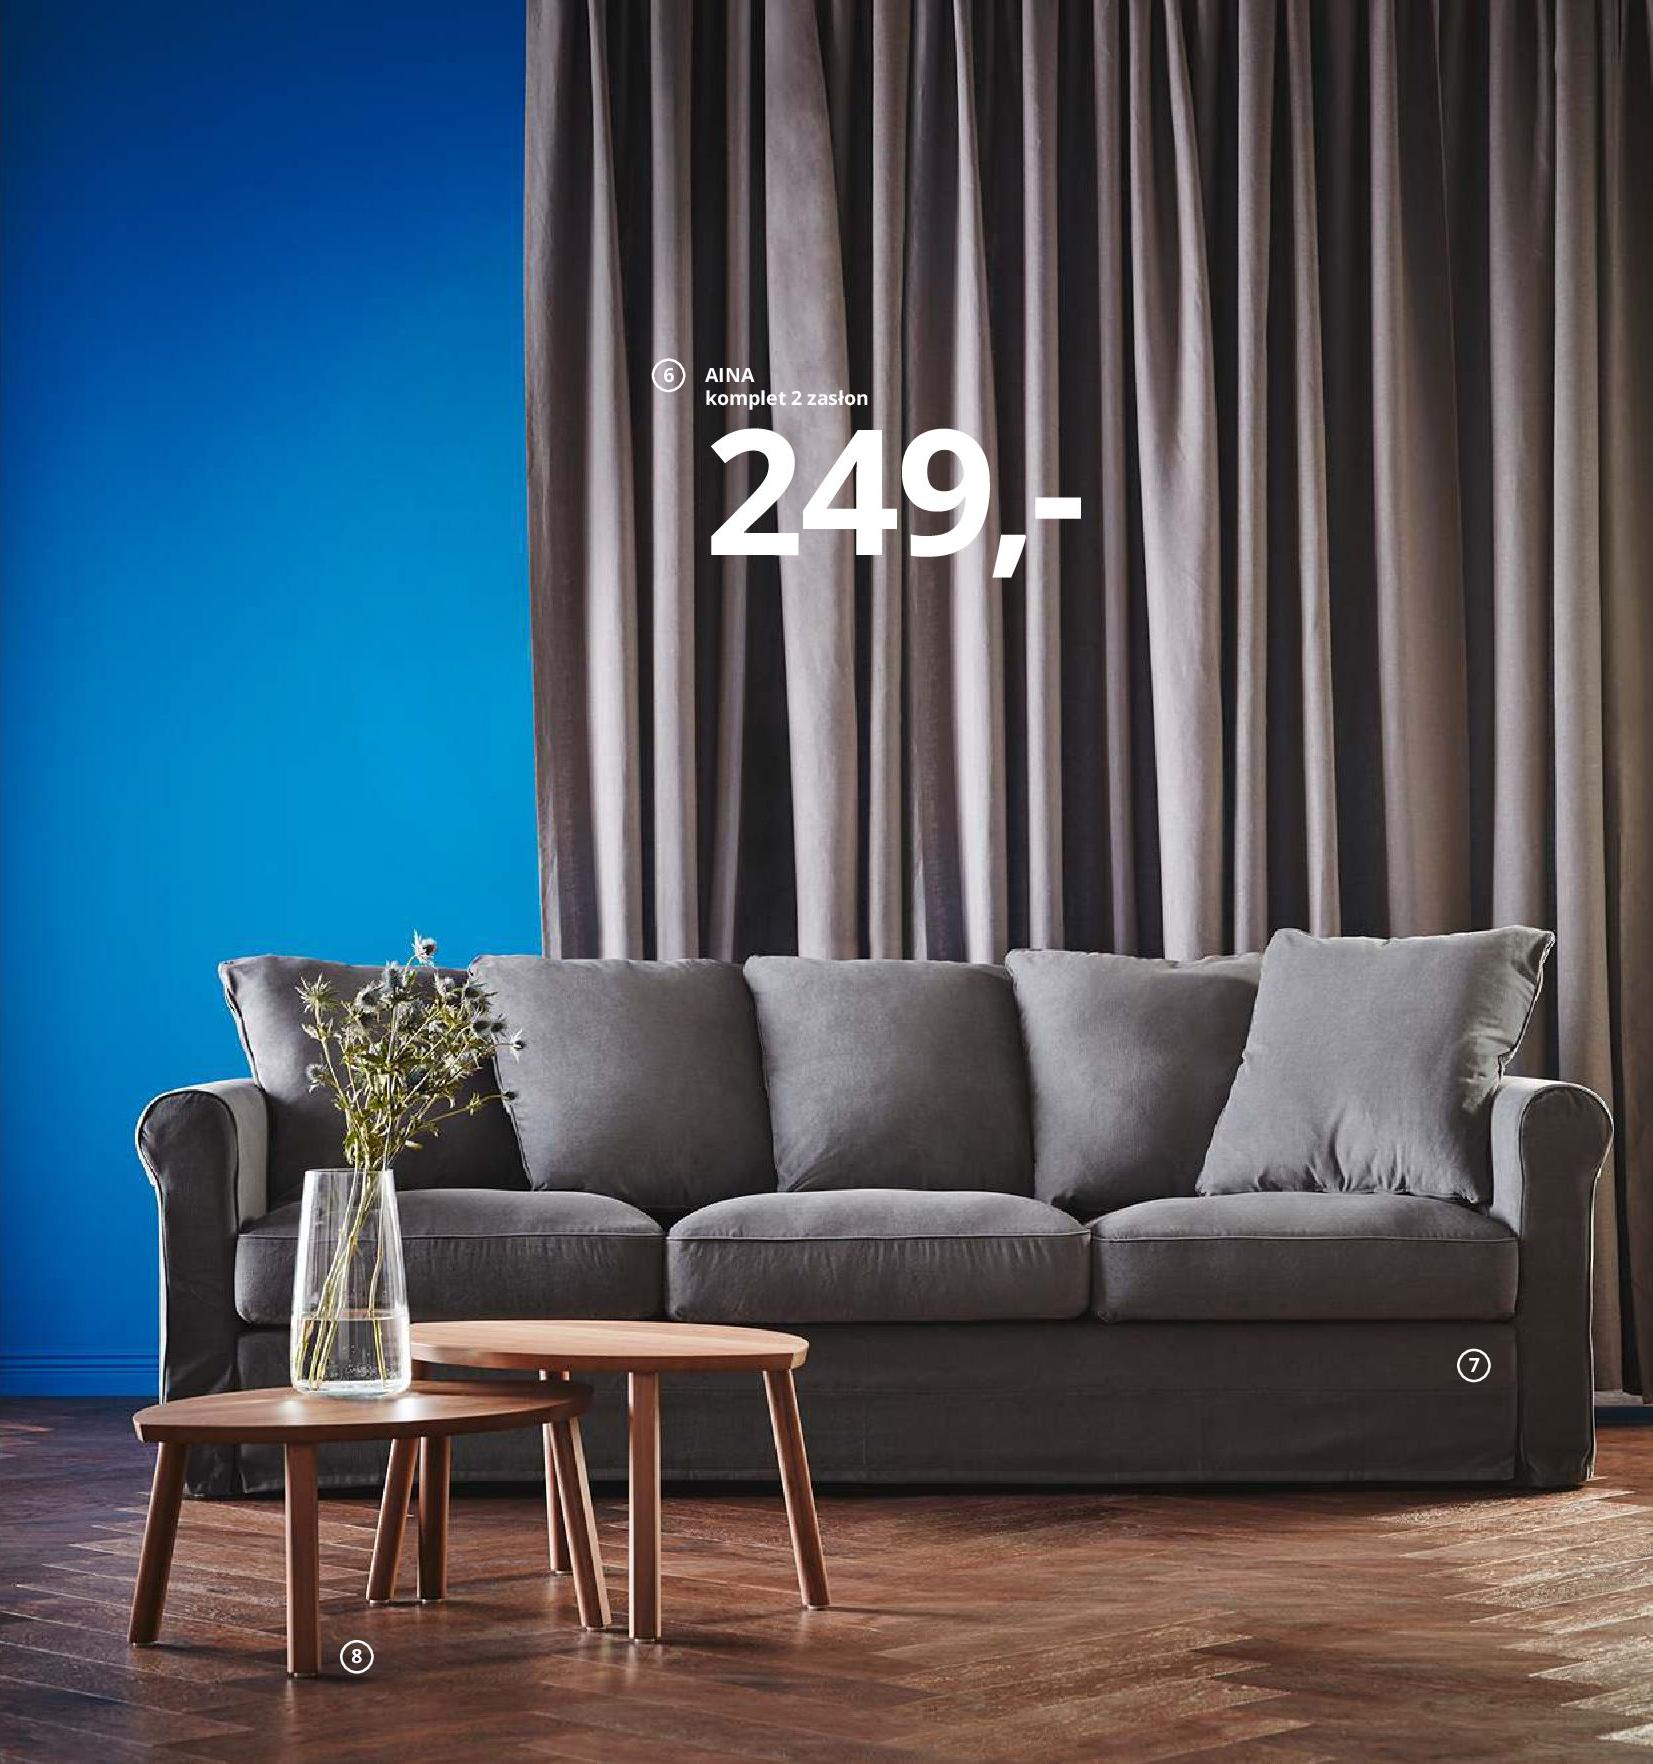 Gazetka IKEA - Katalog IKEA 2020-25.08.2019-31.07.2020-page-227